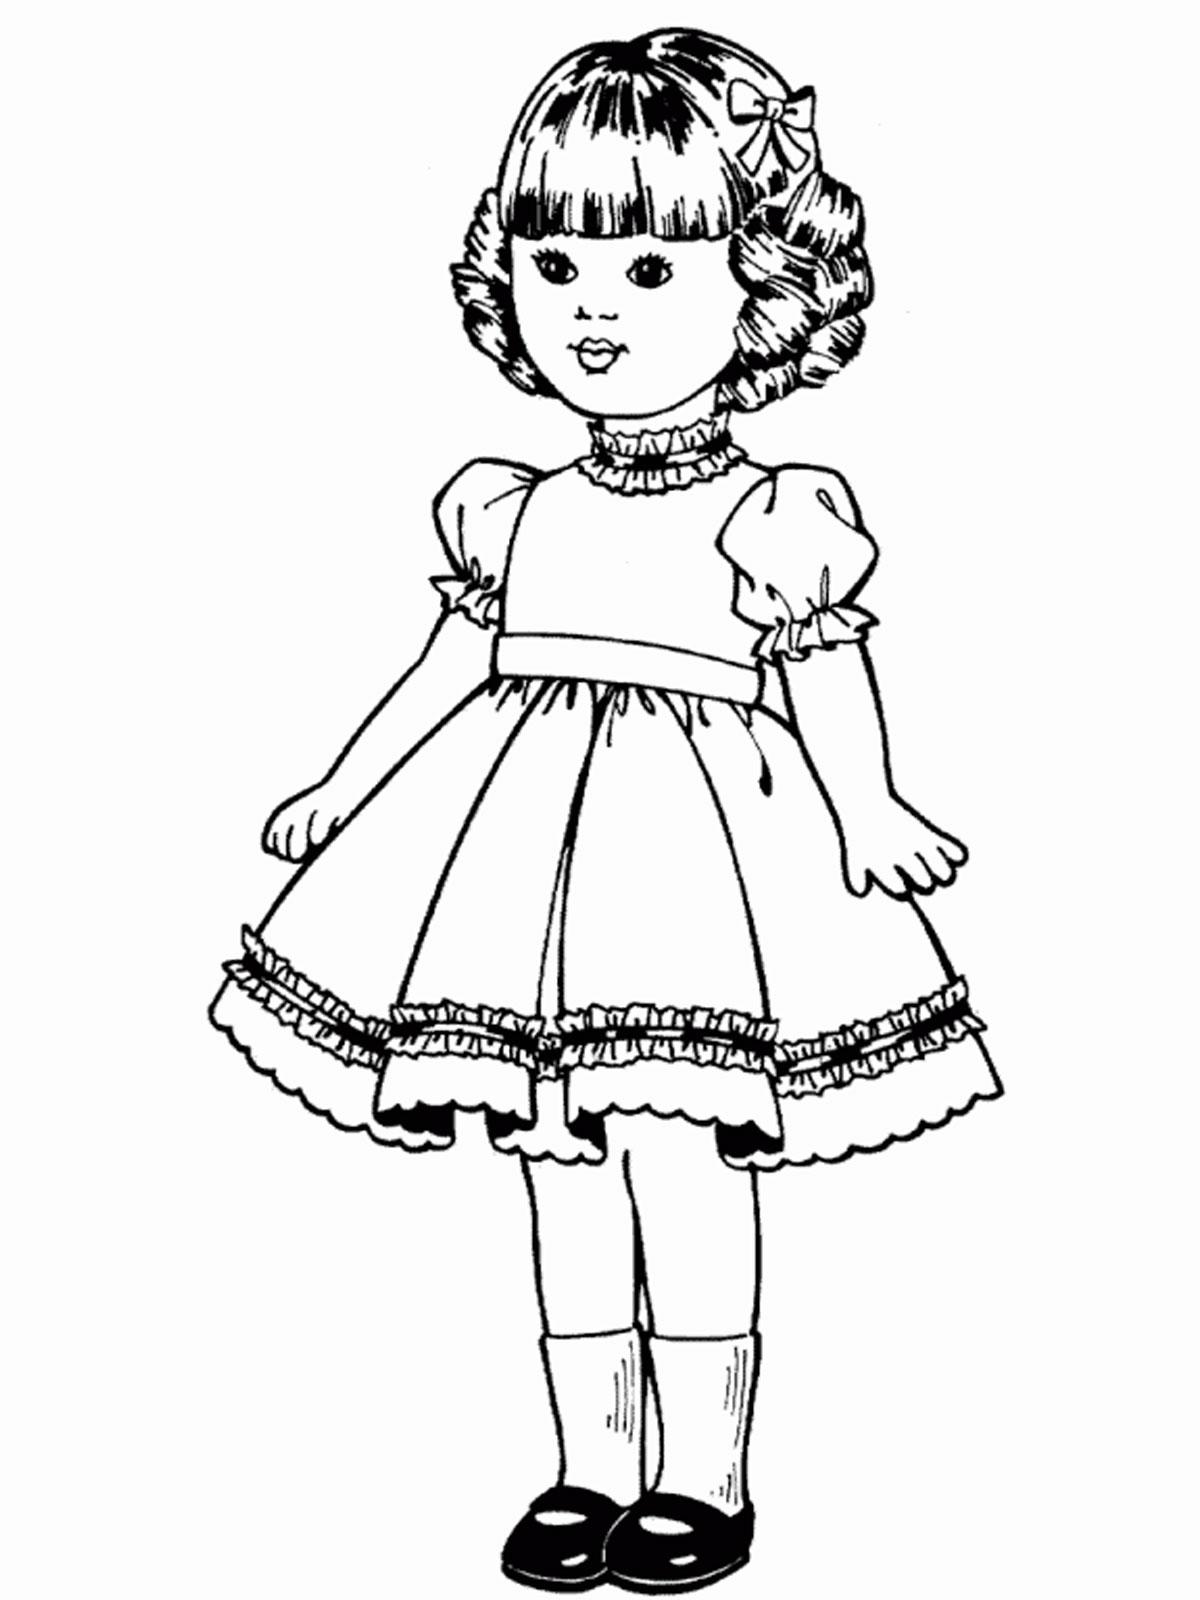 Раскраска девочка в платье - 10